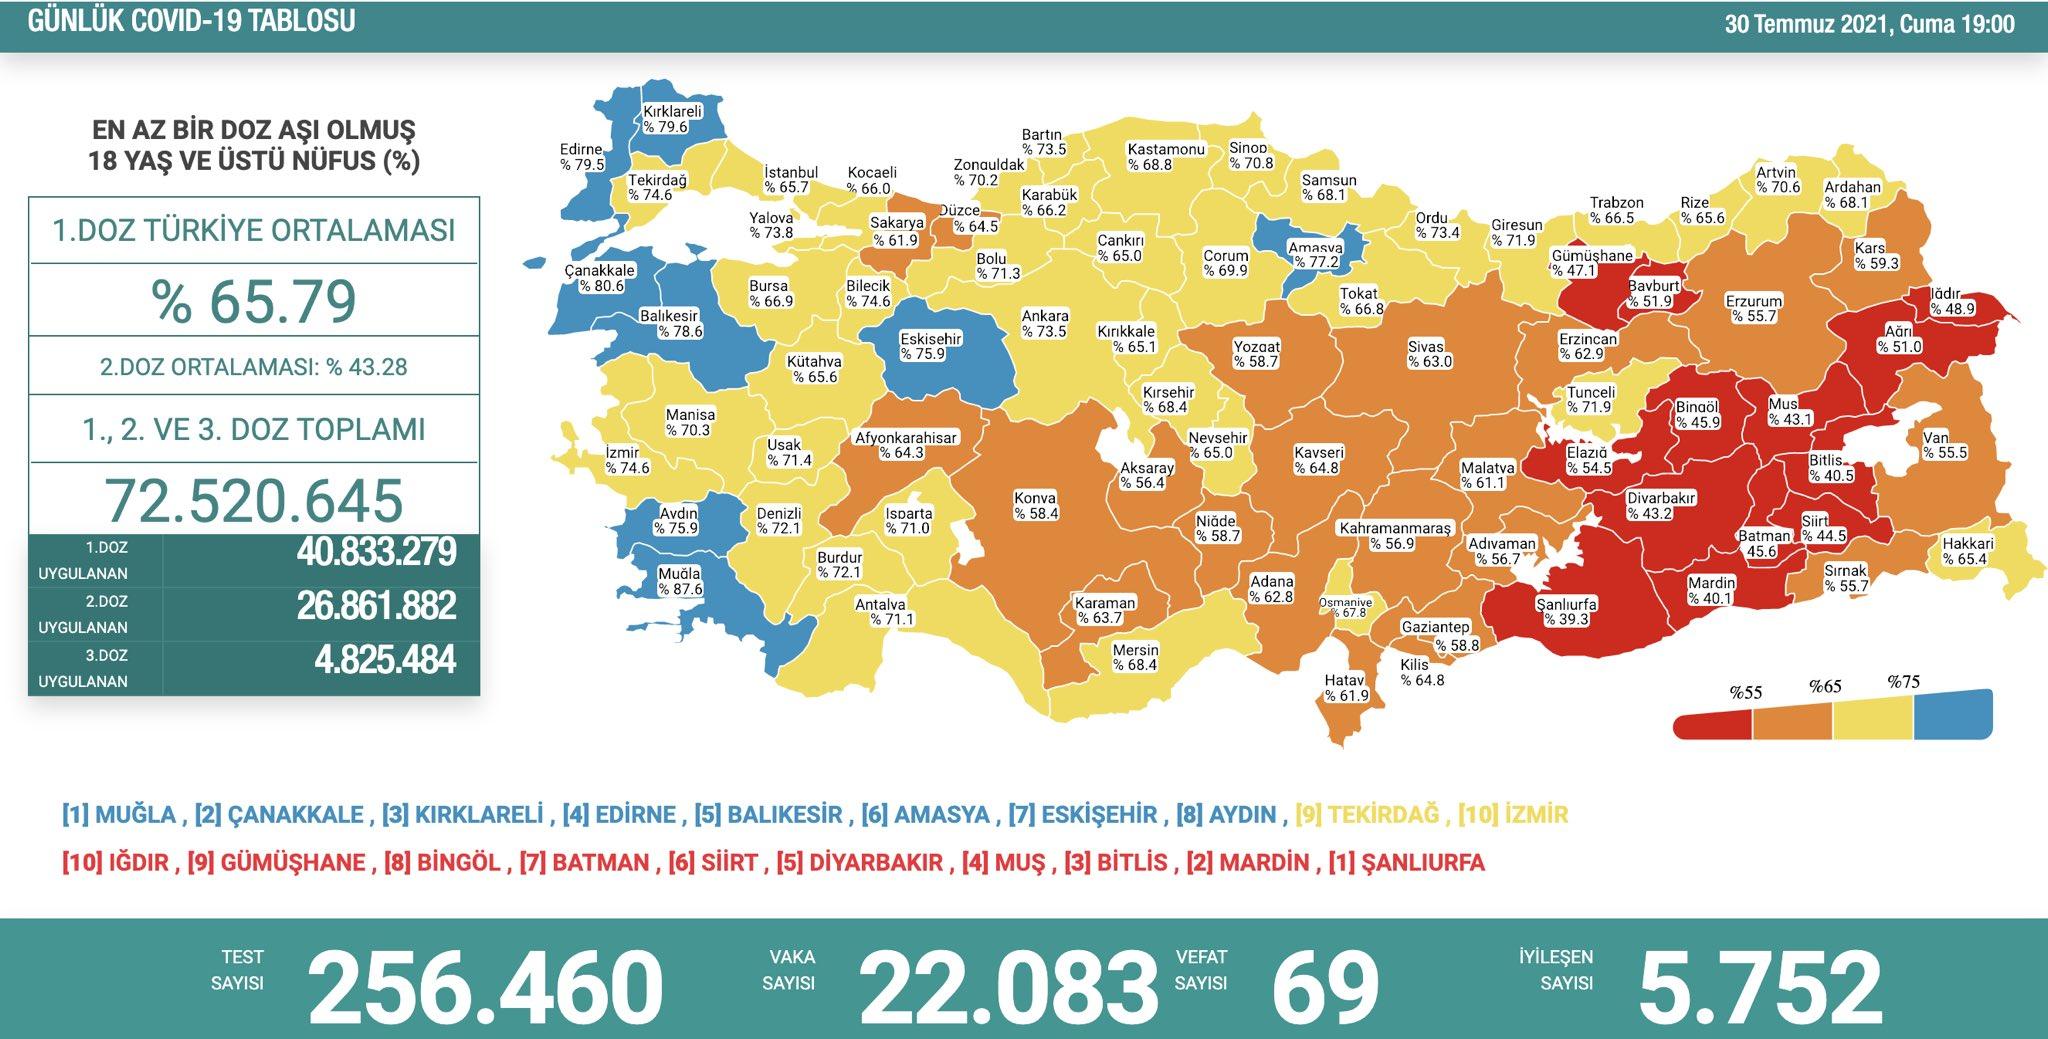 30 Temmuz 2021 Türkiye Koronavirüs Tablosu Açıkladı